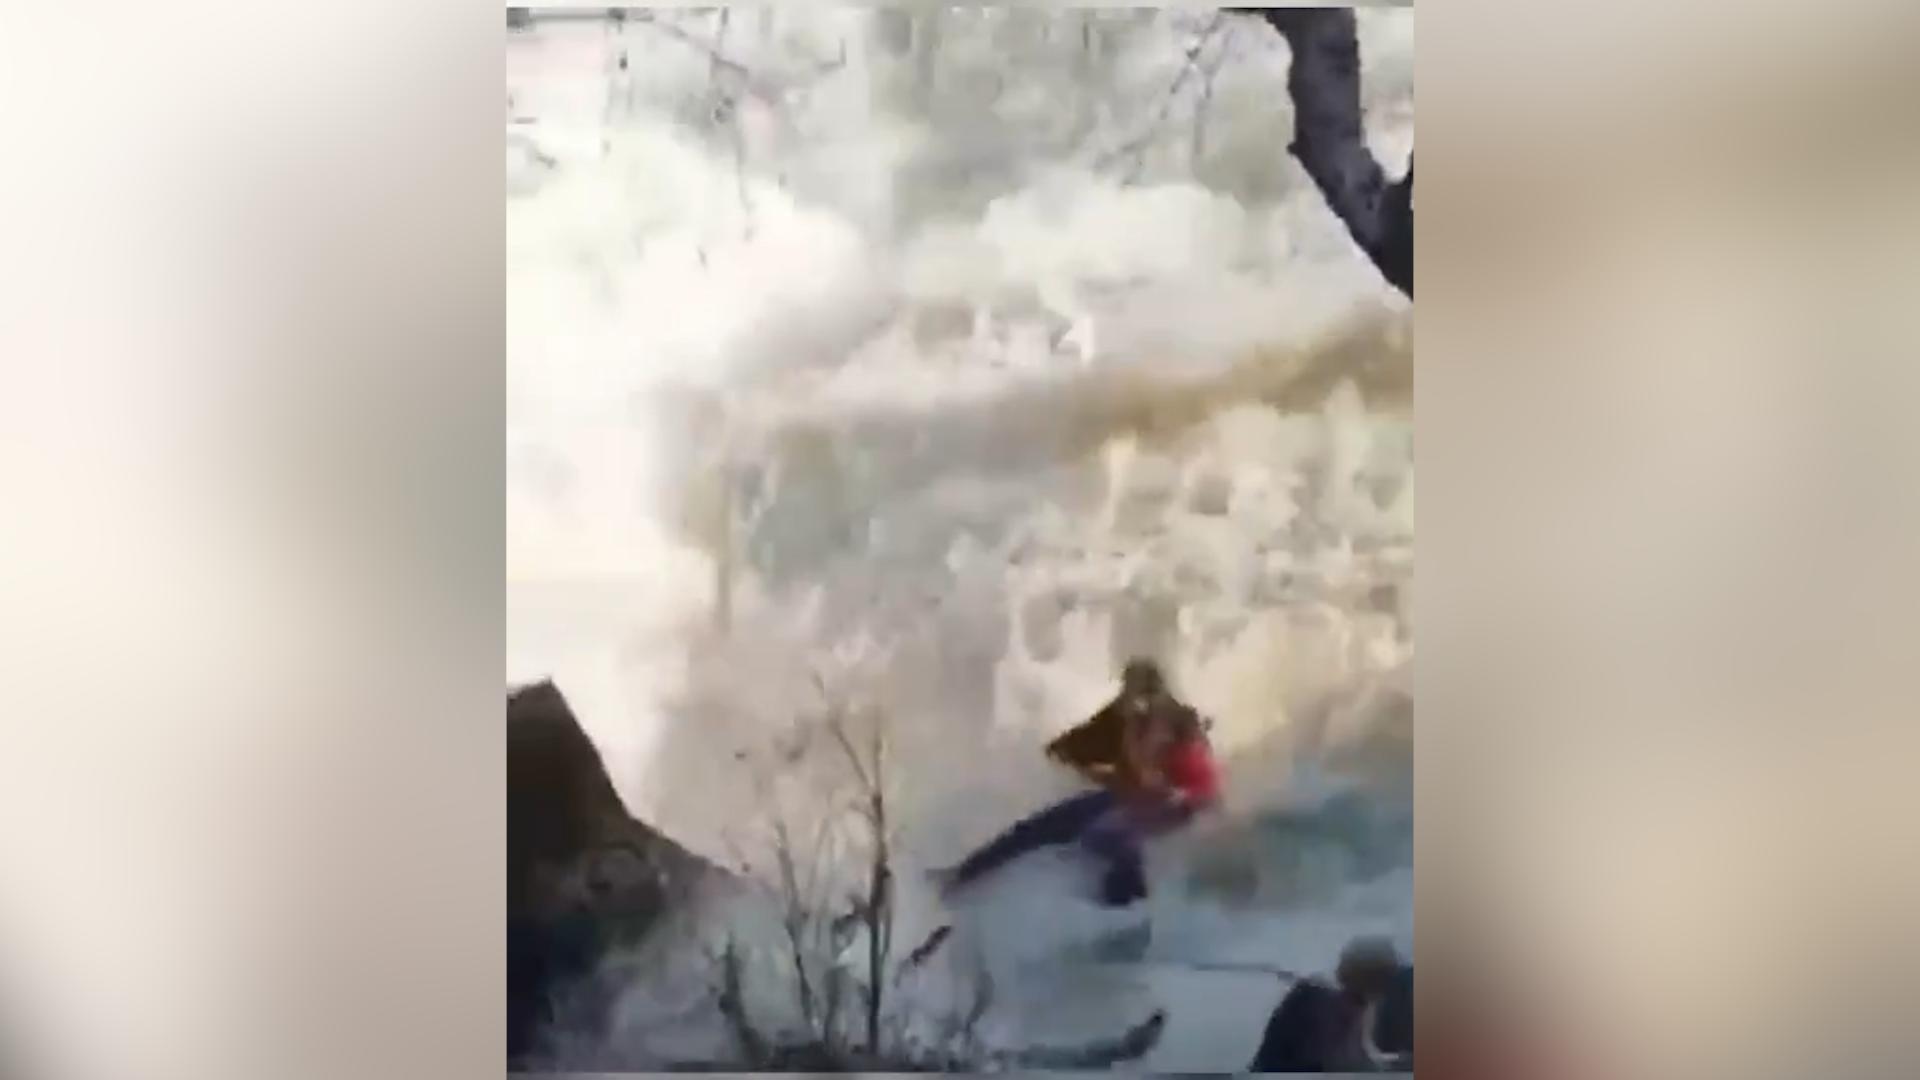 Хотели сделать красивое селфи: отец с дочкой чудом спаслись, сорвавшись в водопад  видео